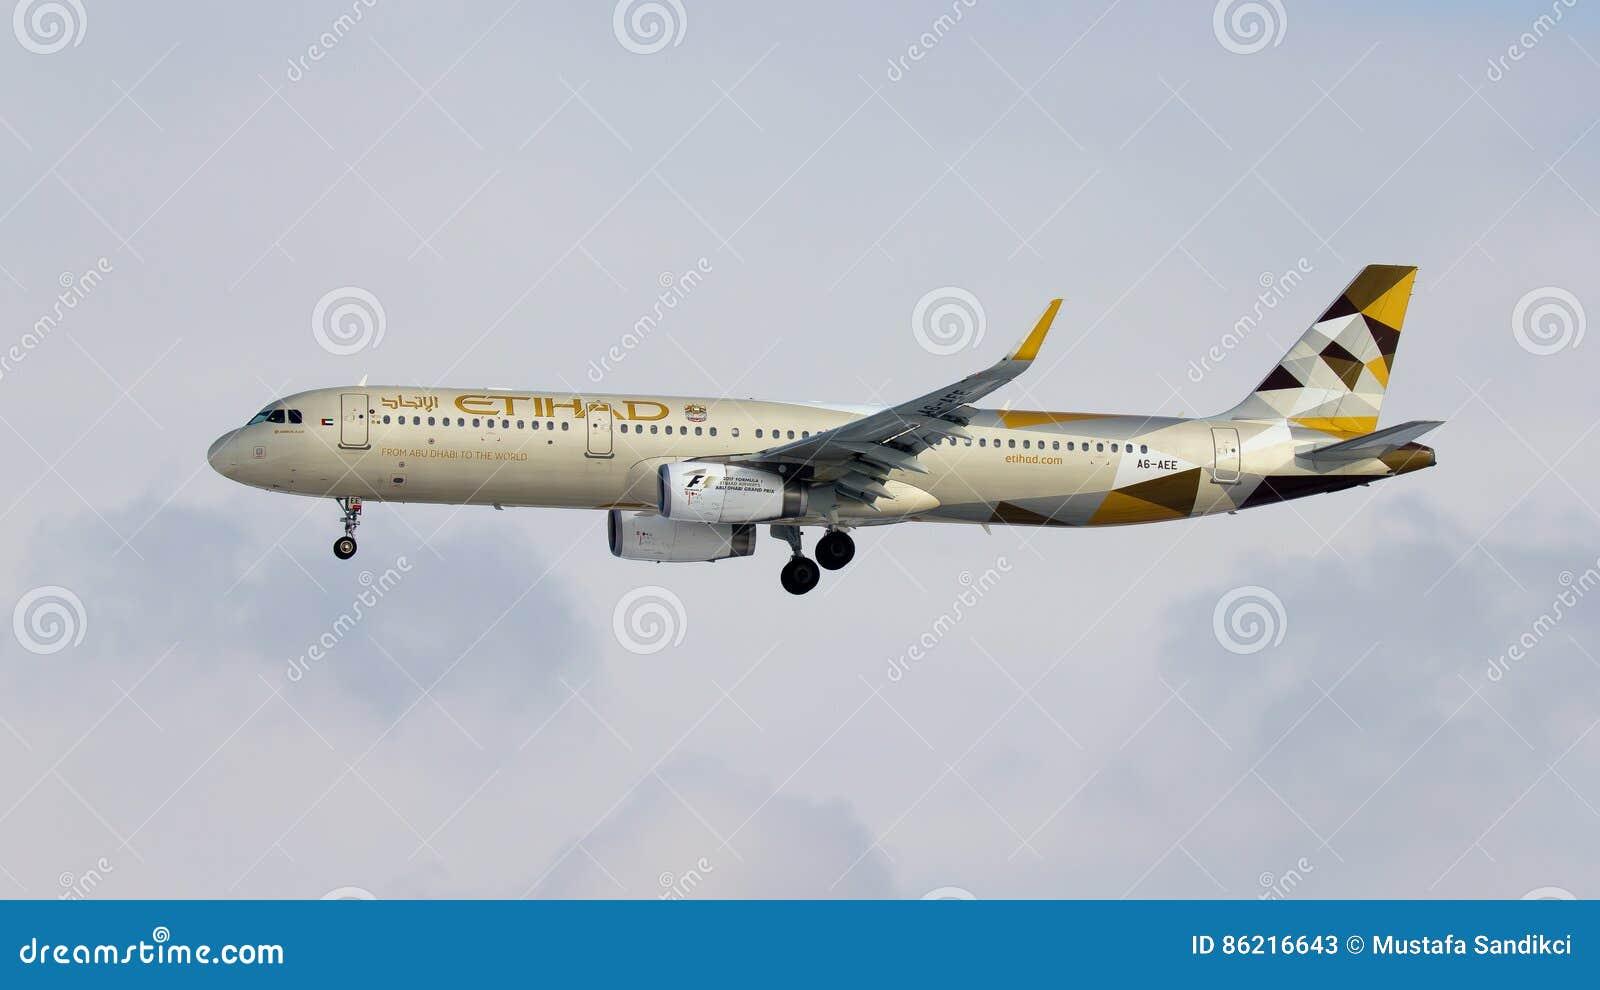 Etihad Airways Airbus A321 Plane